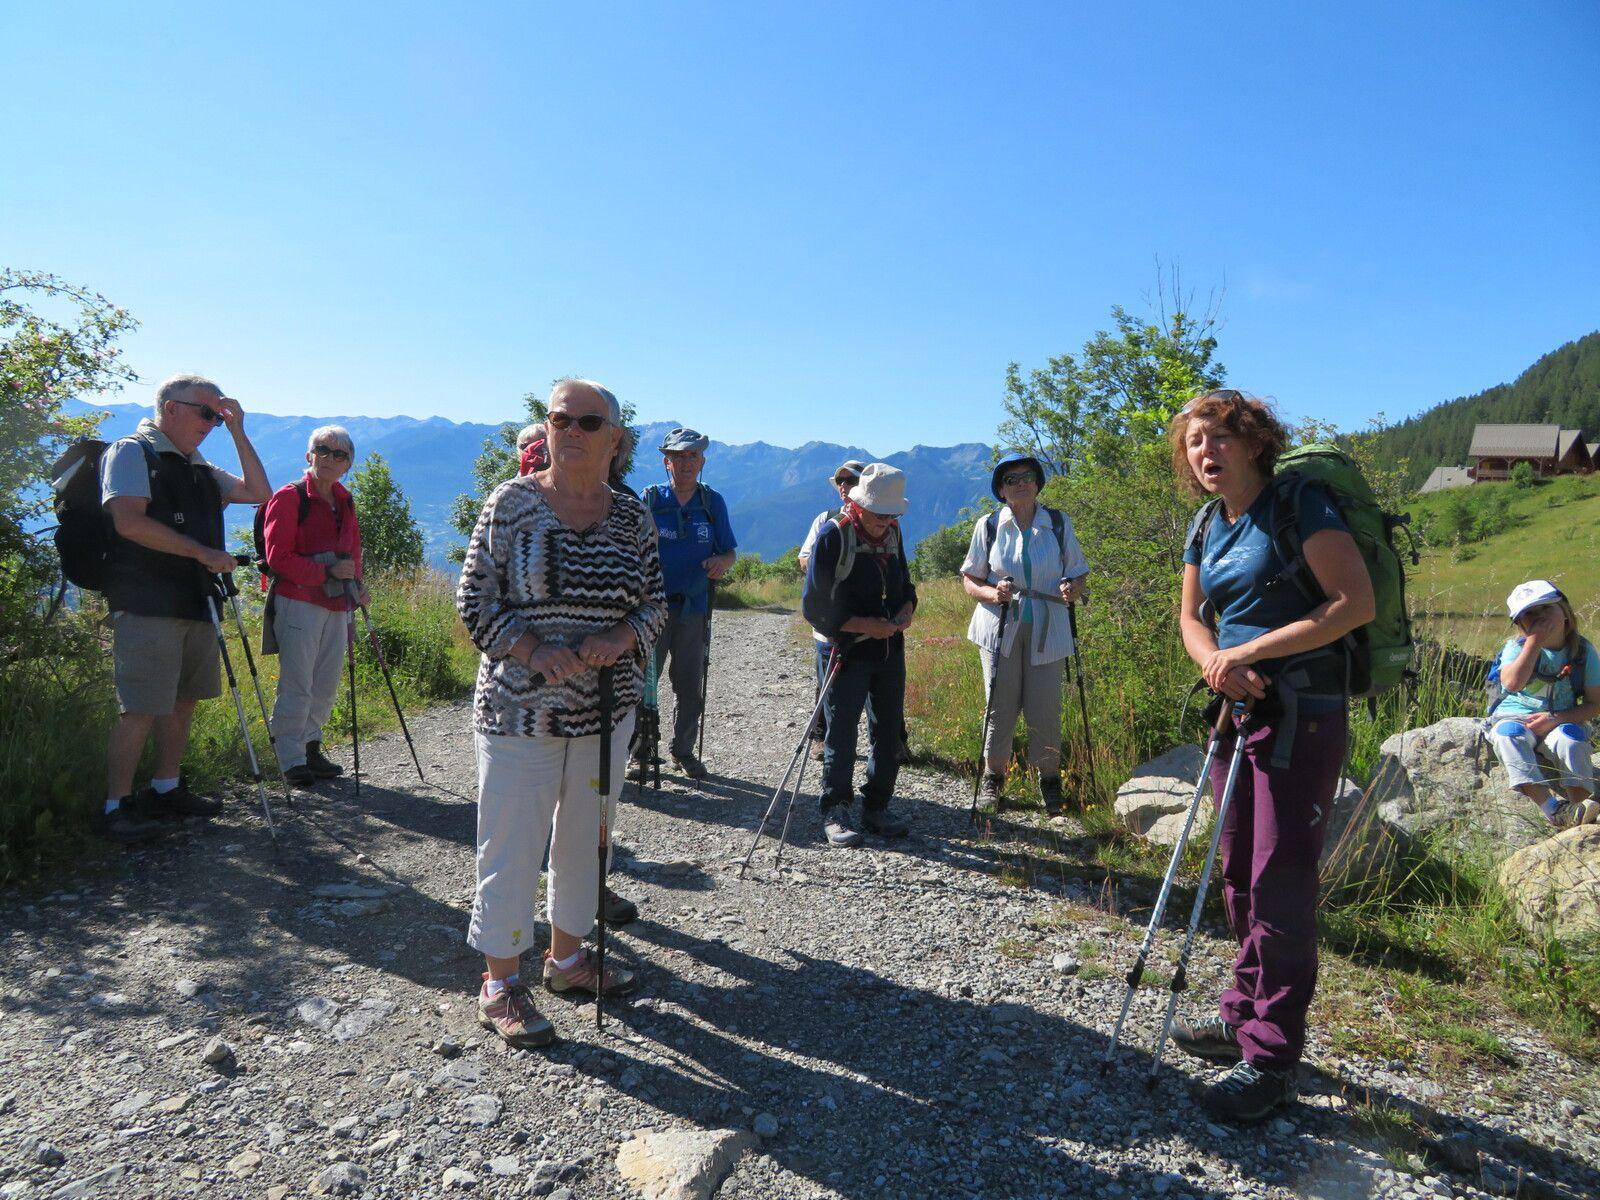 Sur le chemin, Sandrine nous conte l'histoire des Aiguilles de Chabrière. (Photo MF)